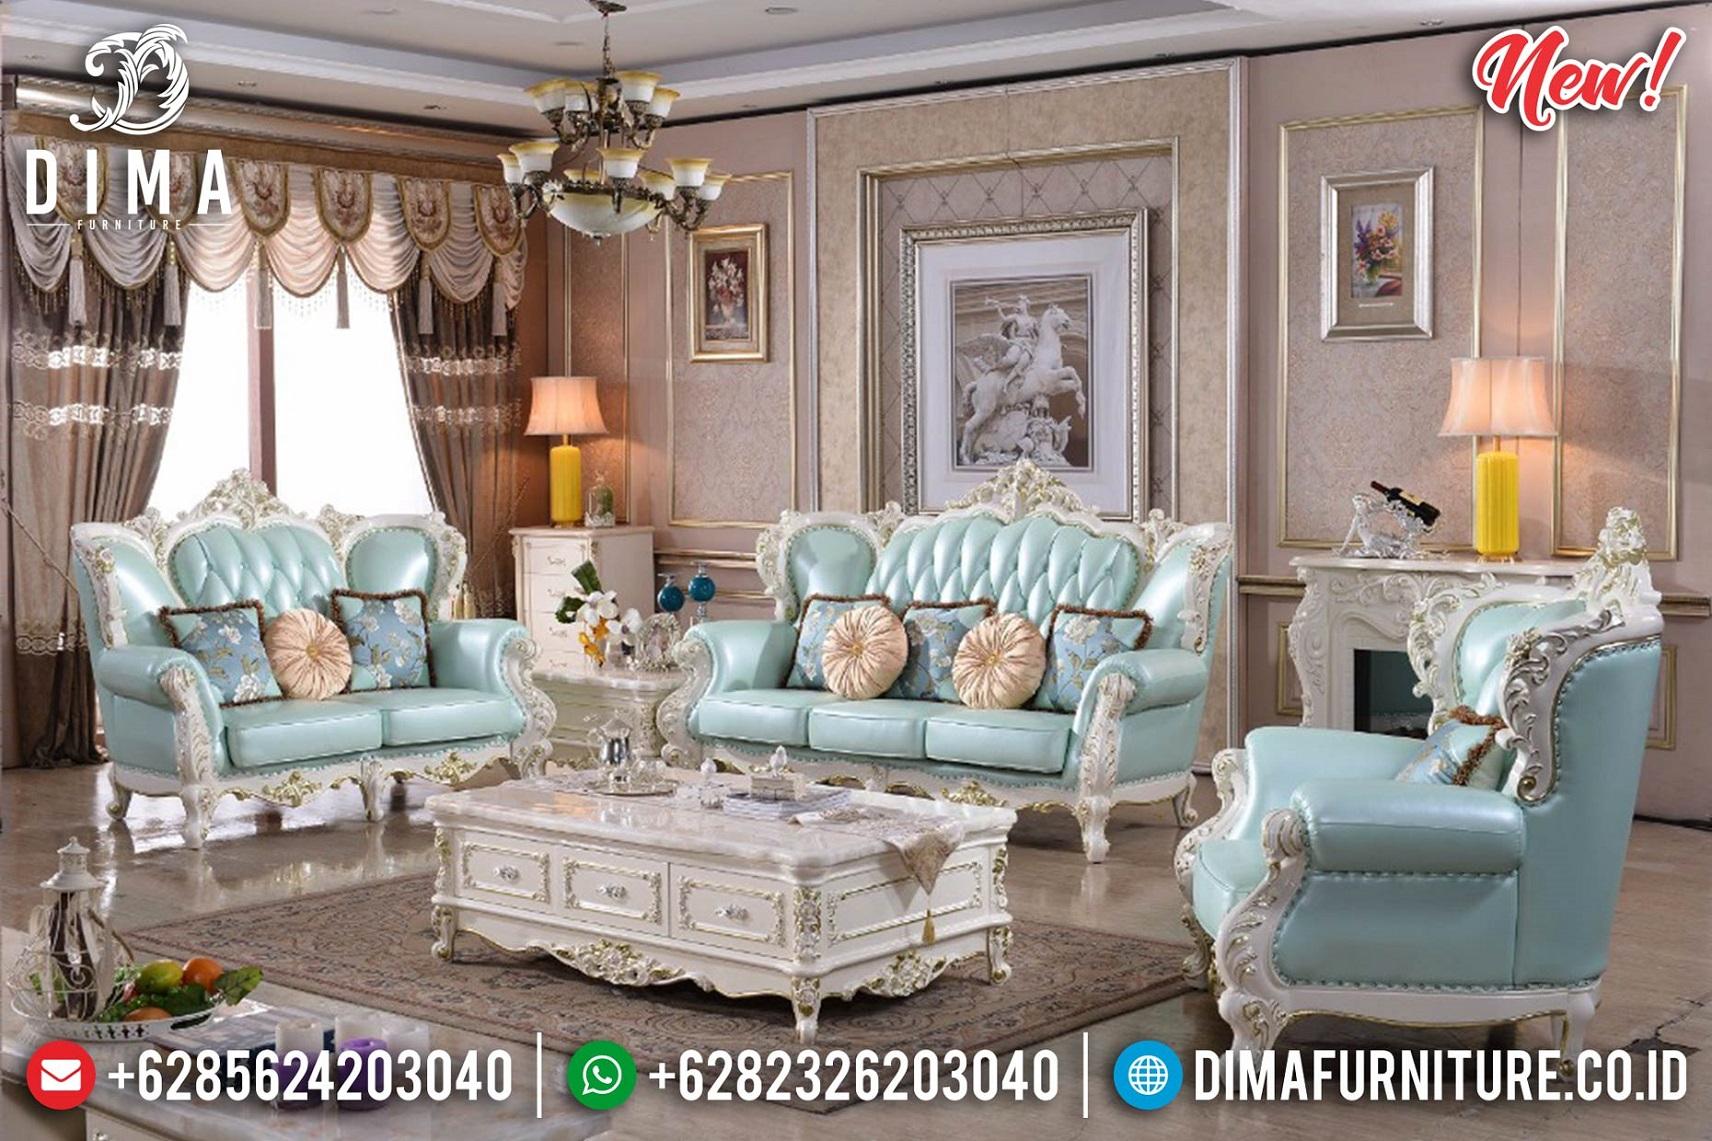 Sofa Ruang Tamu Mewah Jepara Luxury New Art Duco White Glossy BT-1007